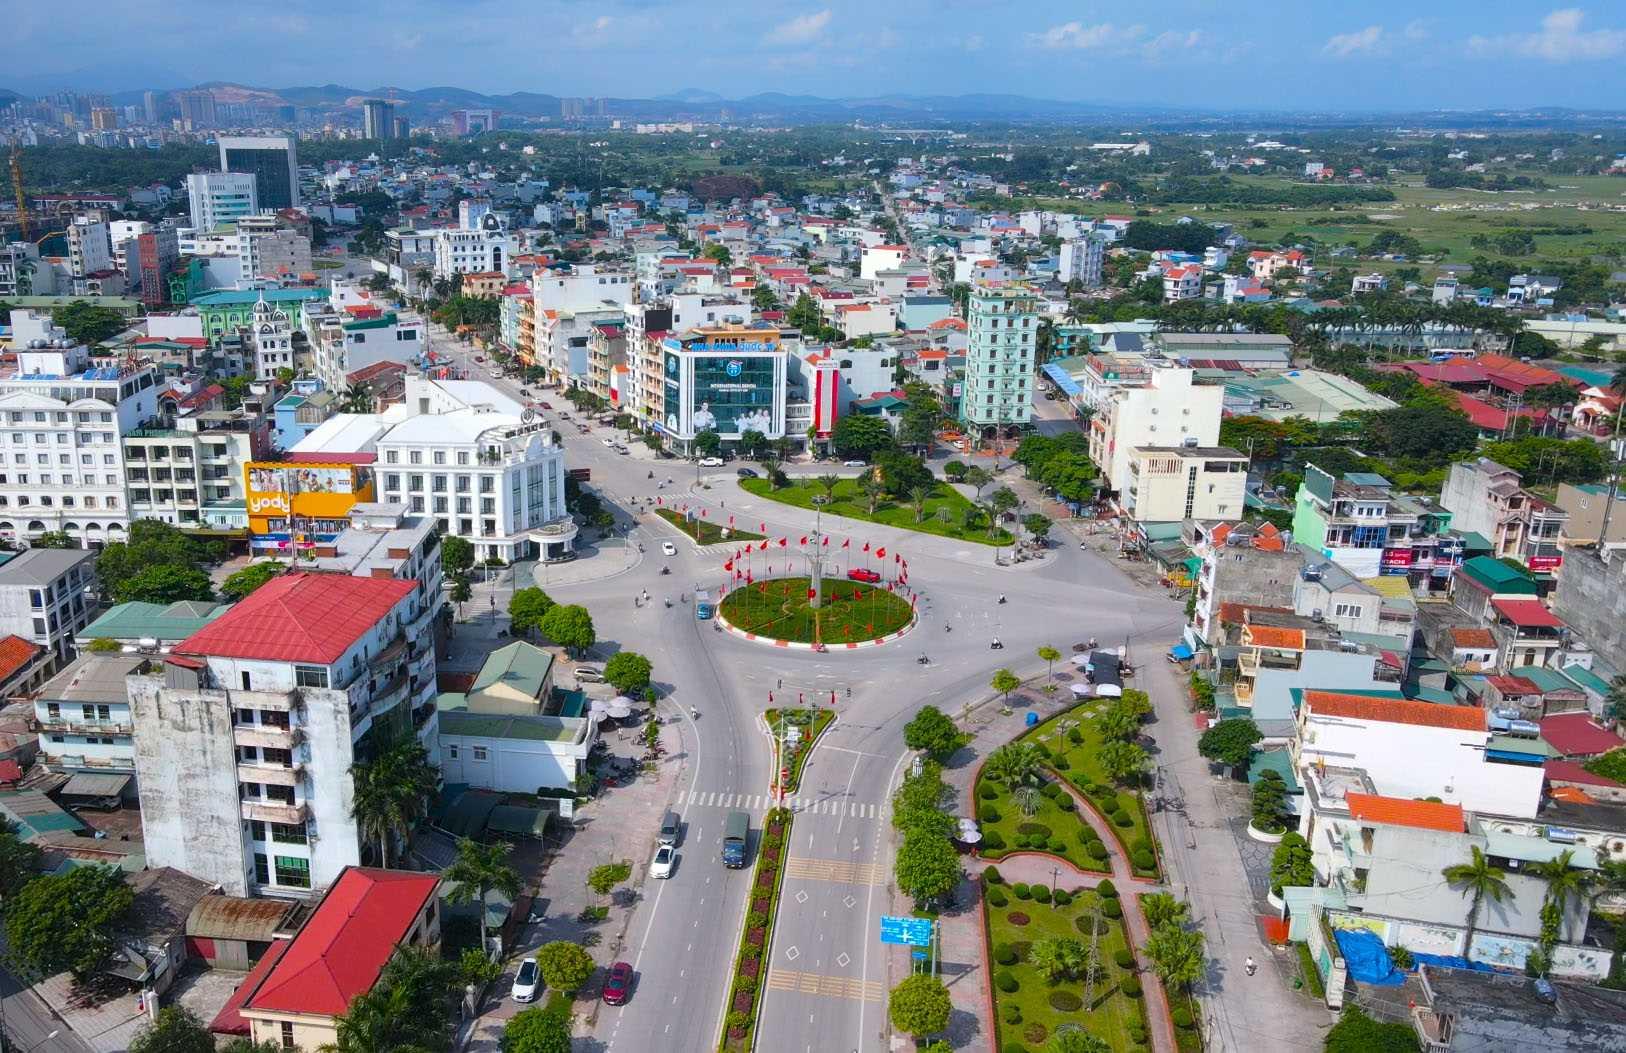 FLC tiếp tục đăng ký thực hiện dự án KĐT mới Ninh Dương 3.275 tỷ đồng tại Quảng Ninh - Ảnh 1.